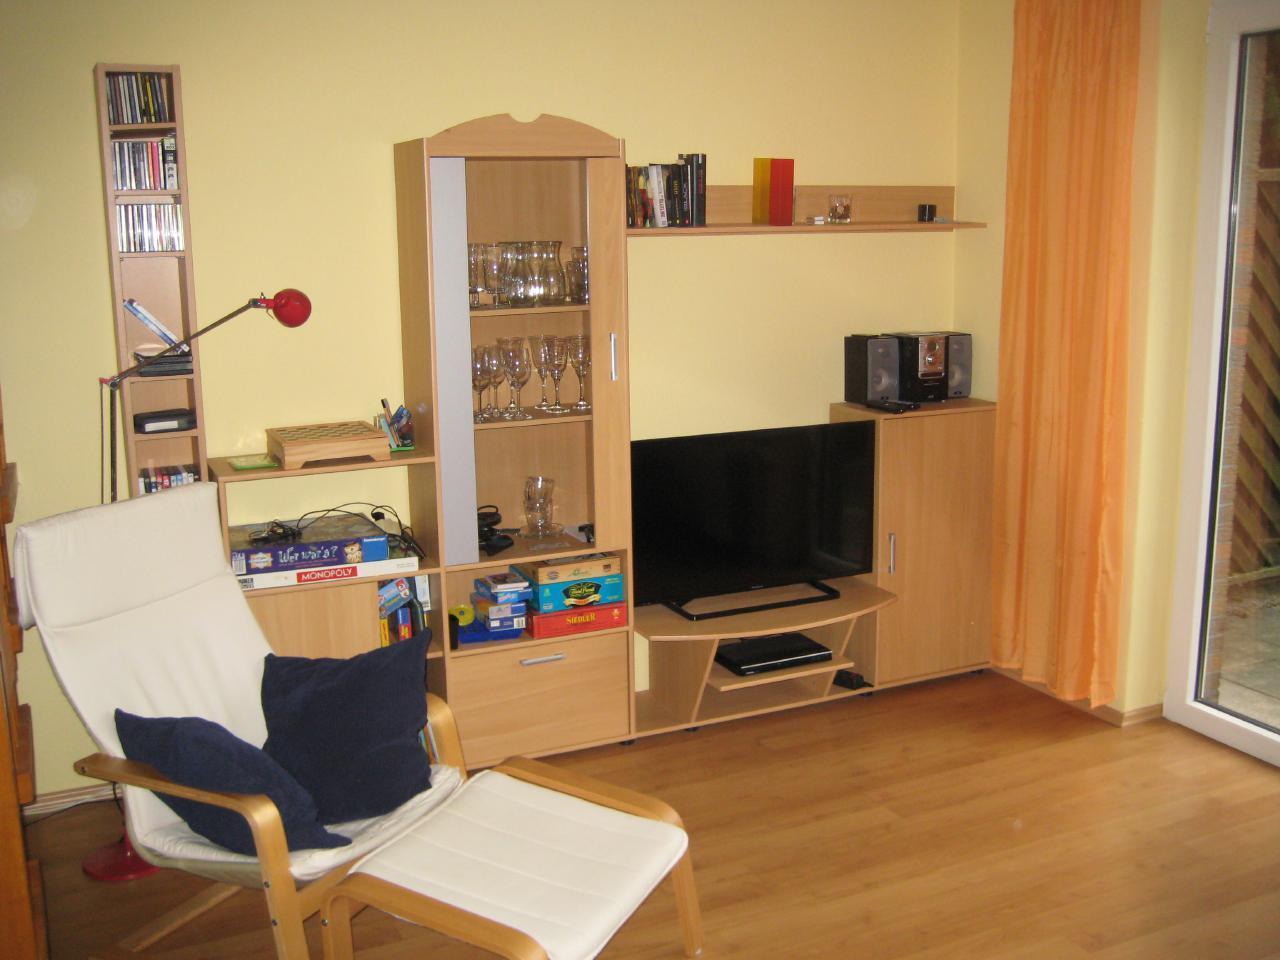 Wohnzimmer mit Leseecke, Flachbild-TV, DVD-Player und Stereoanlage